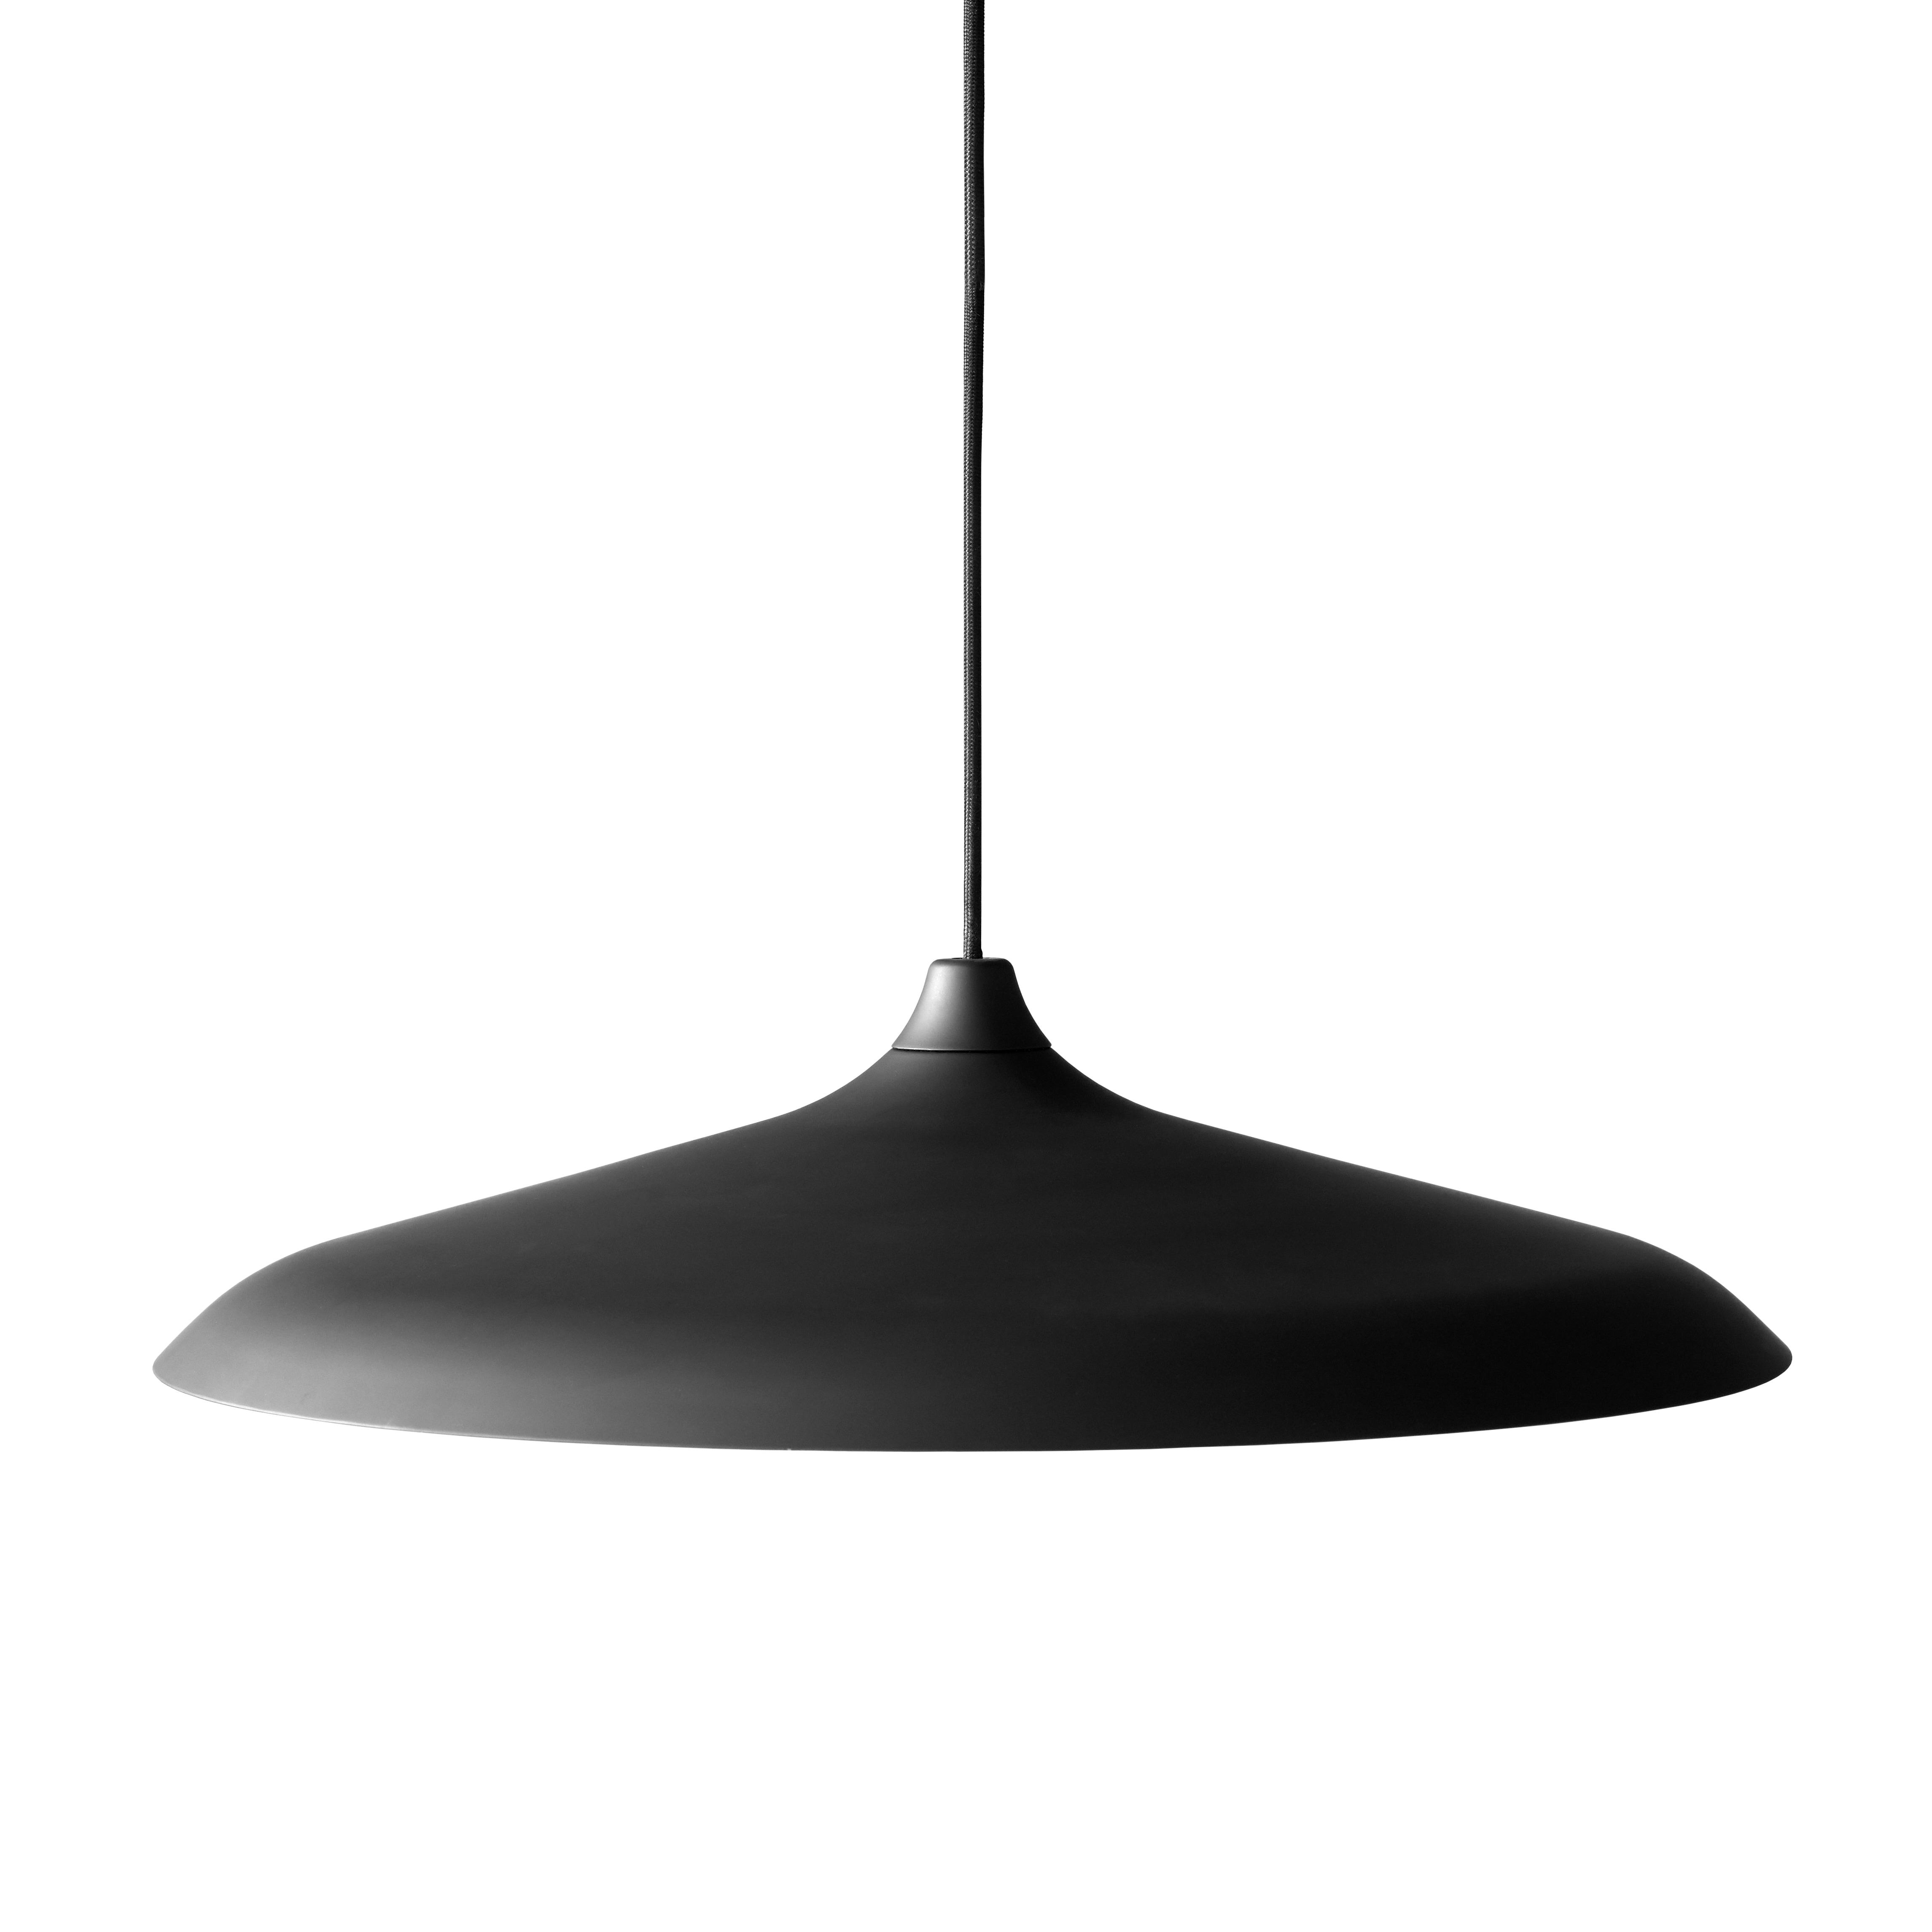 Circular taklampa svart aluminium